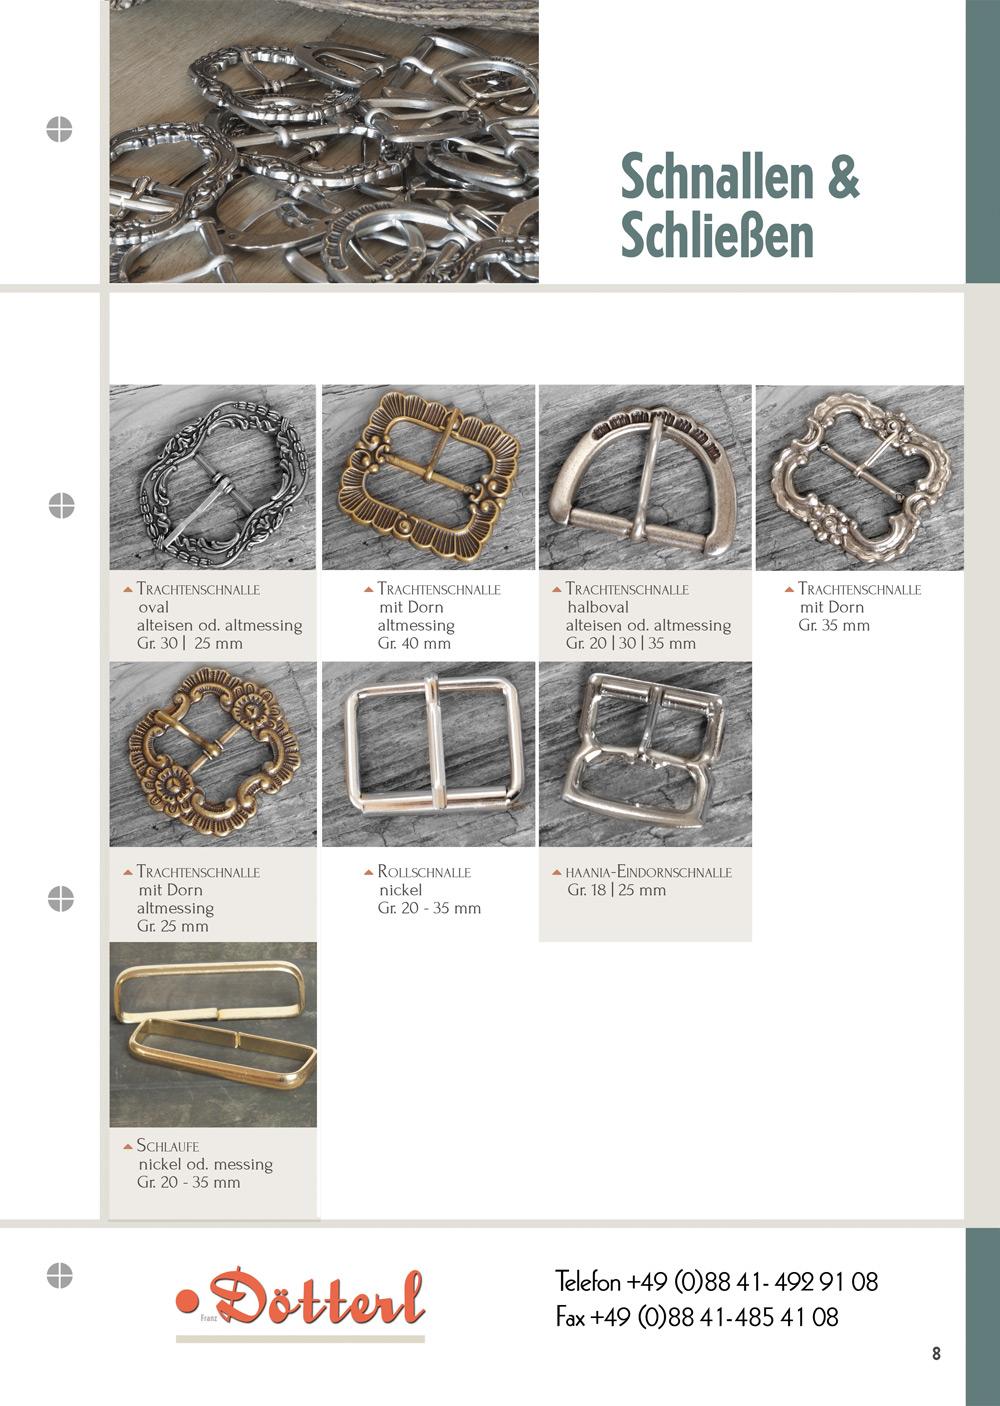 http://www.doetterl.bayern/wp-content/uploads/2015/10/doetterl-sortiment-12-728x1024.jpg